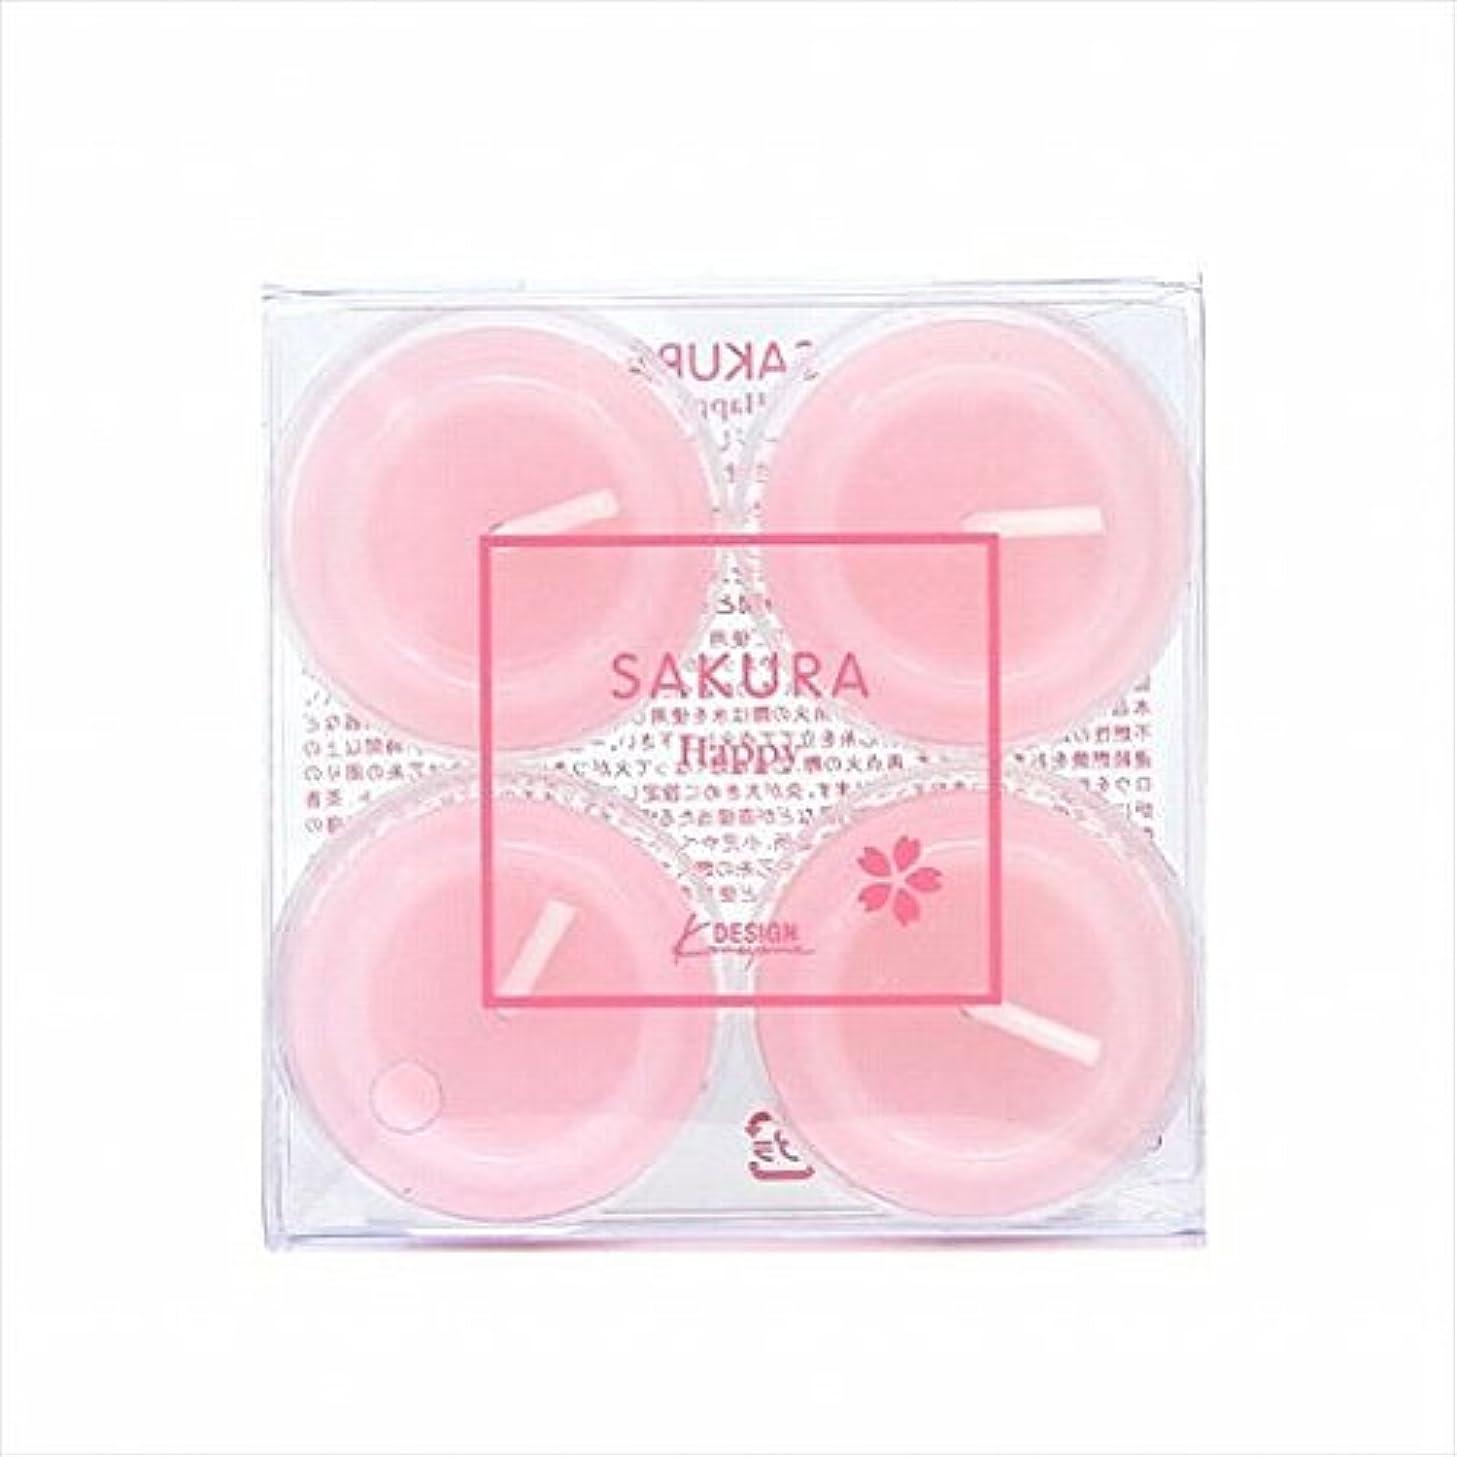 カメヤマキャンドル(kameyama candle) サクラクリアカップ4個入り